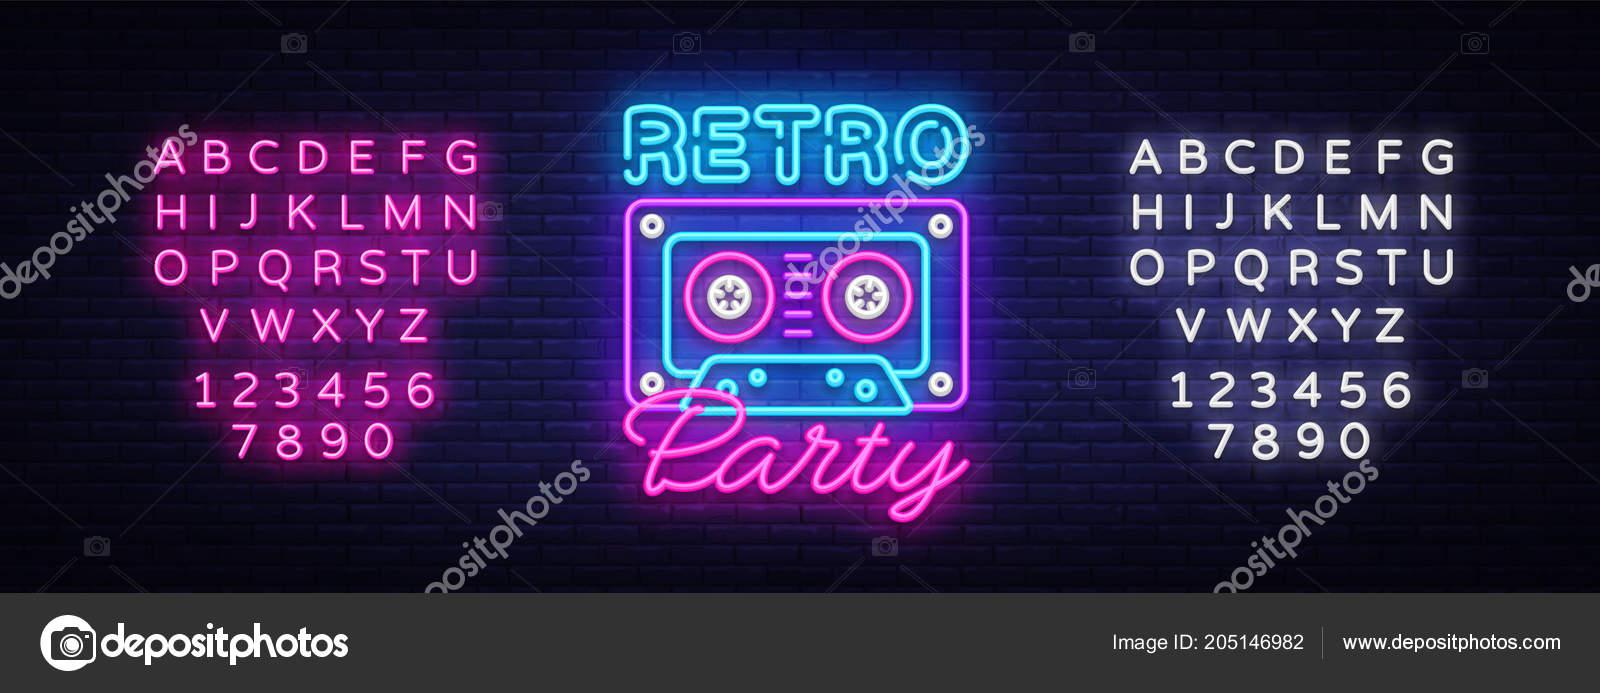 Retro Party Neon Plakat Karta Nebo Pozvani Sablonu Navrhu Retro